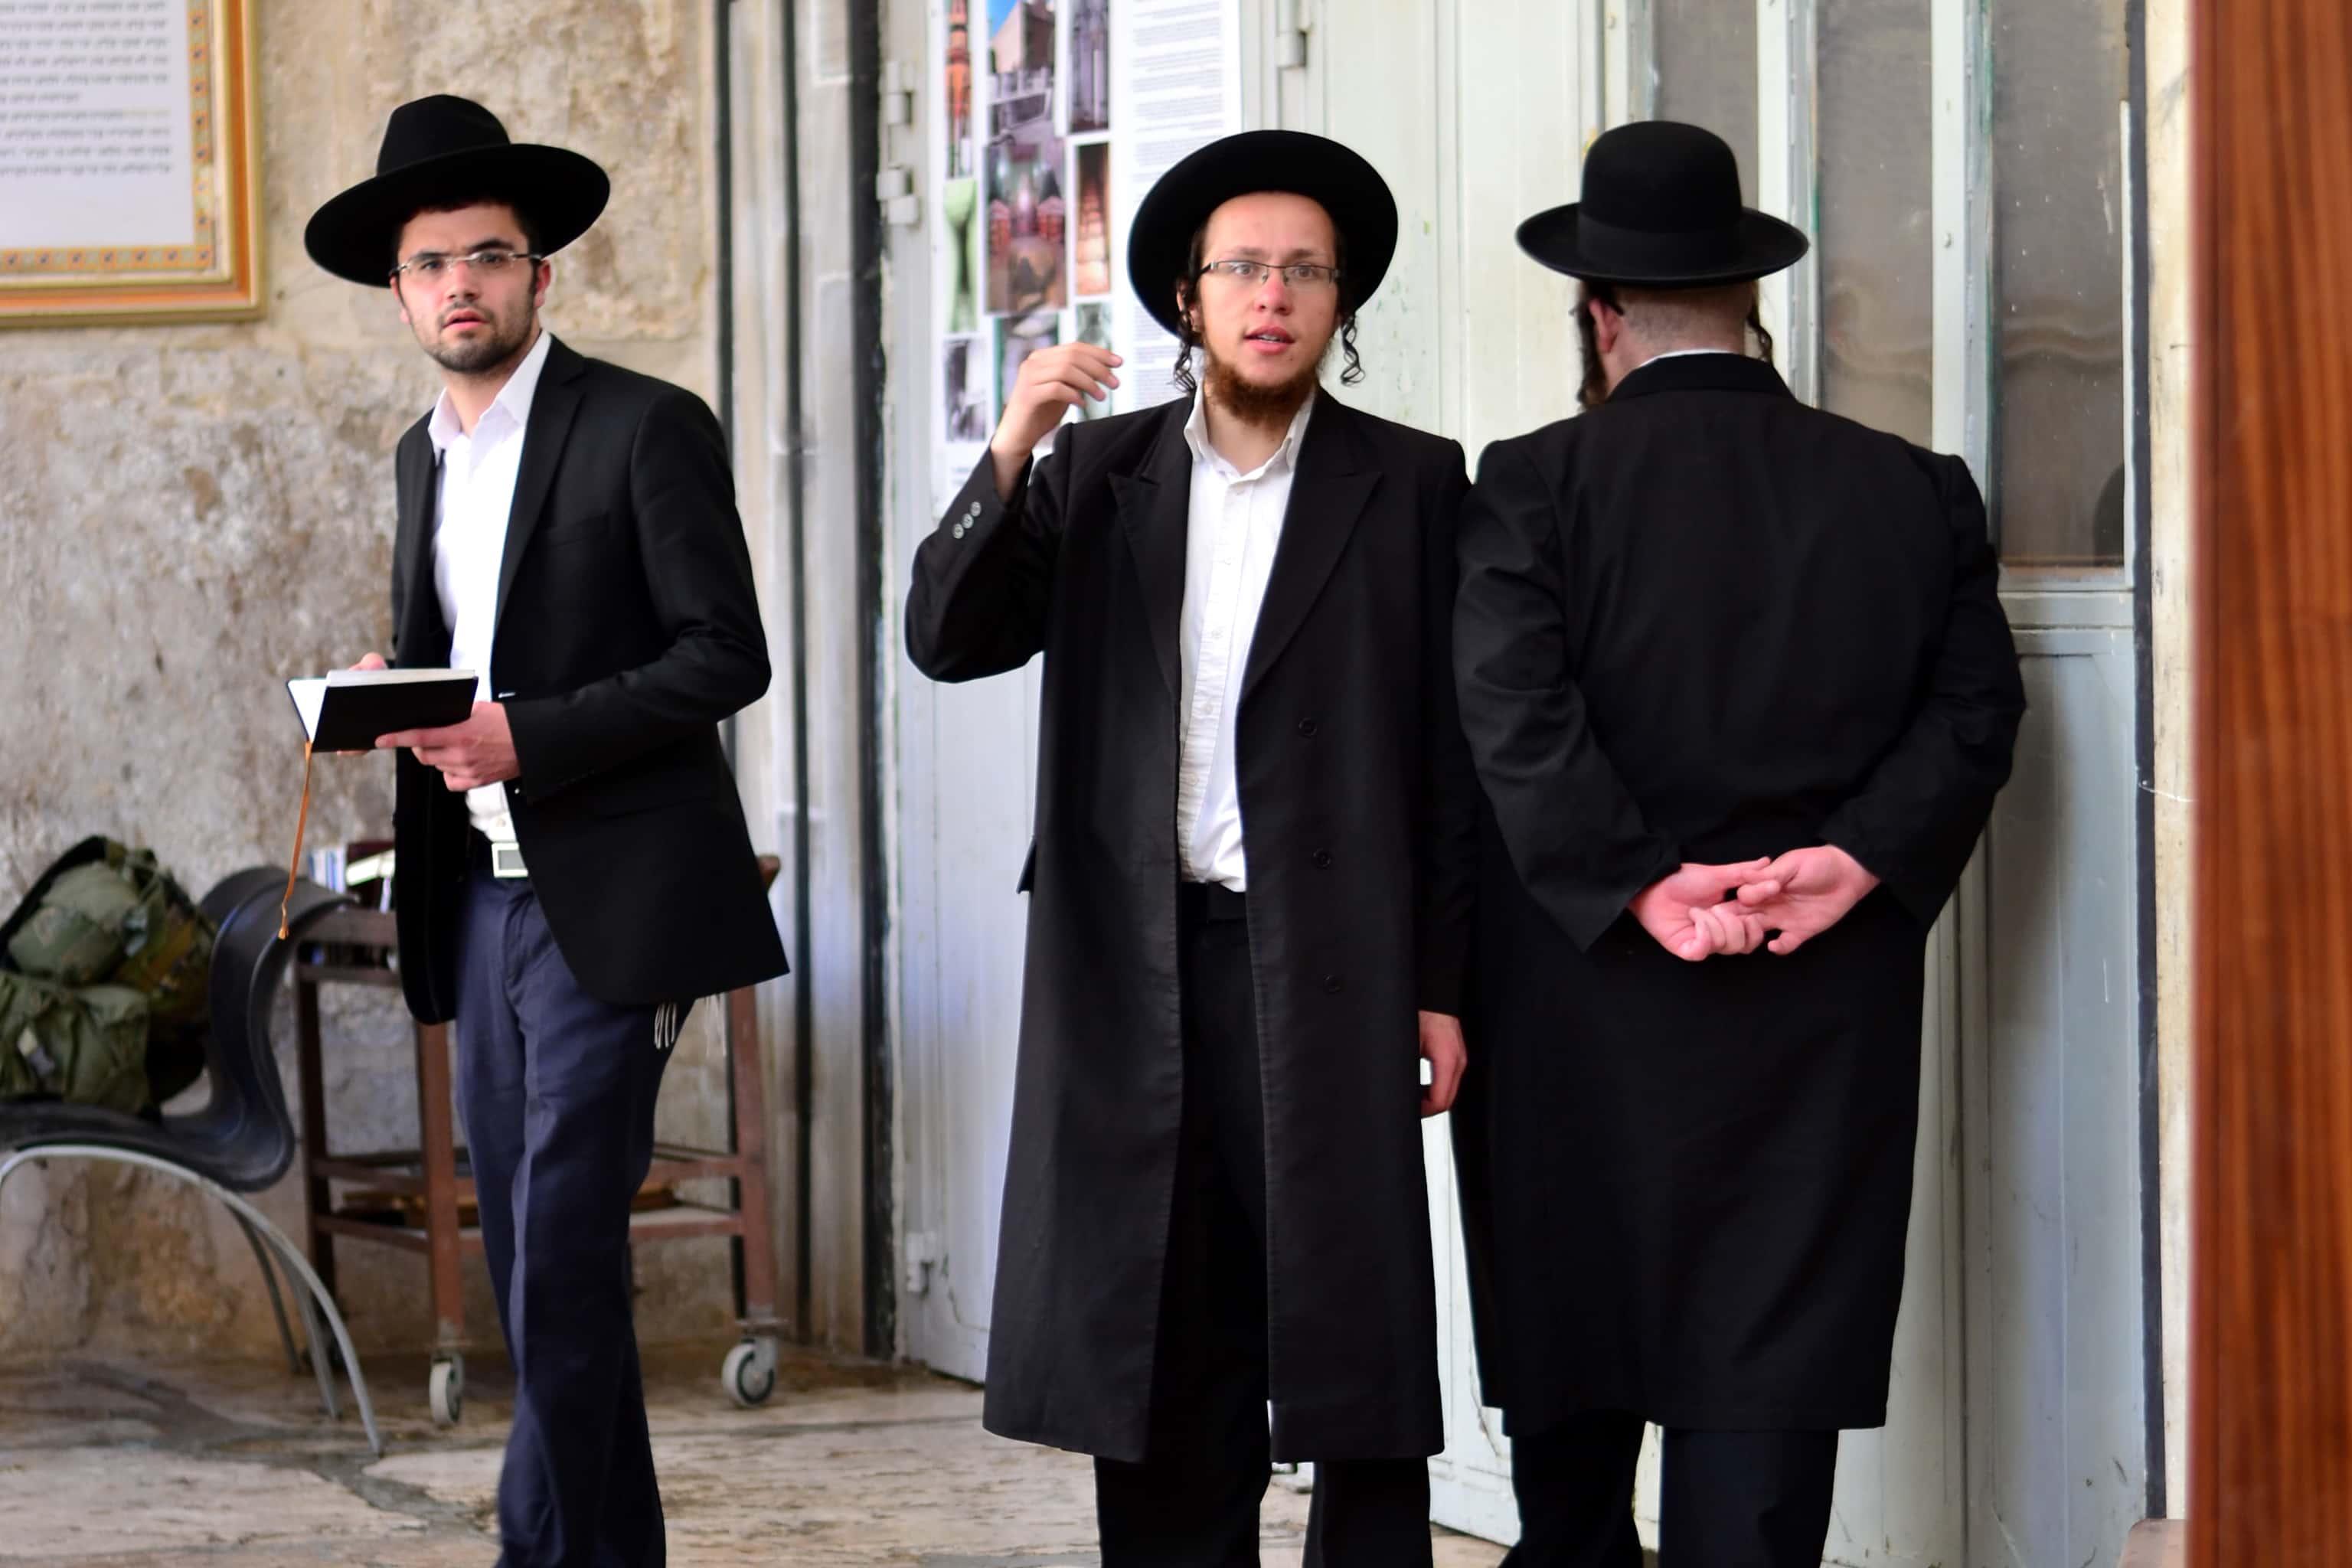 Judíos ortodoxos en un asentamiento en Hebrón, Palestina. Foto: Patribia de Blas.